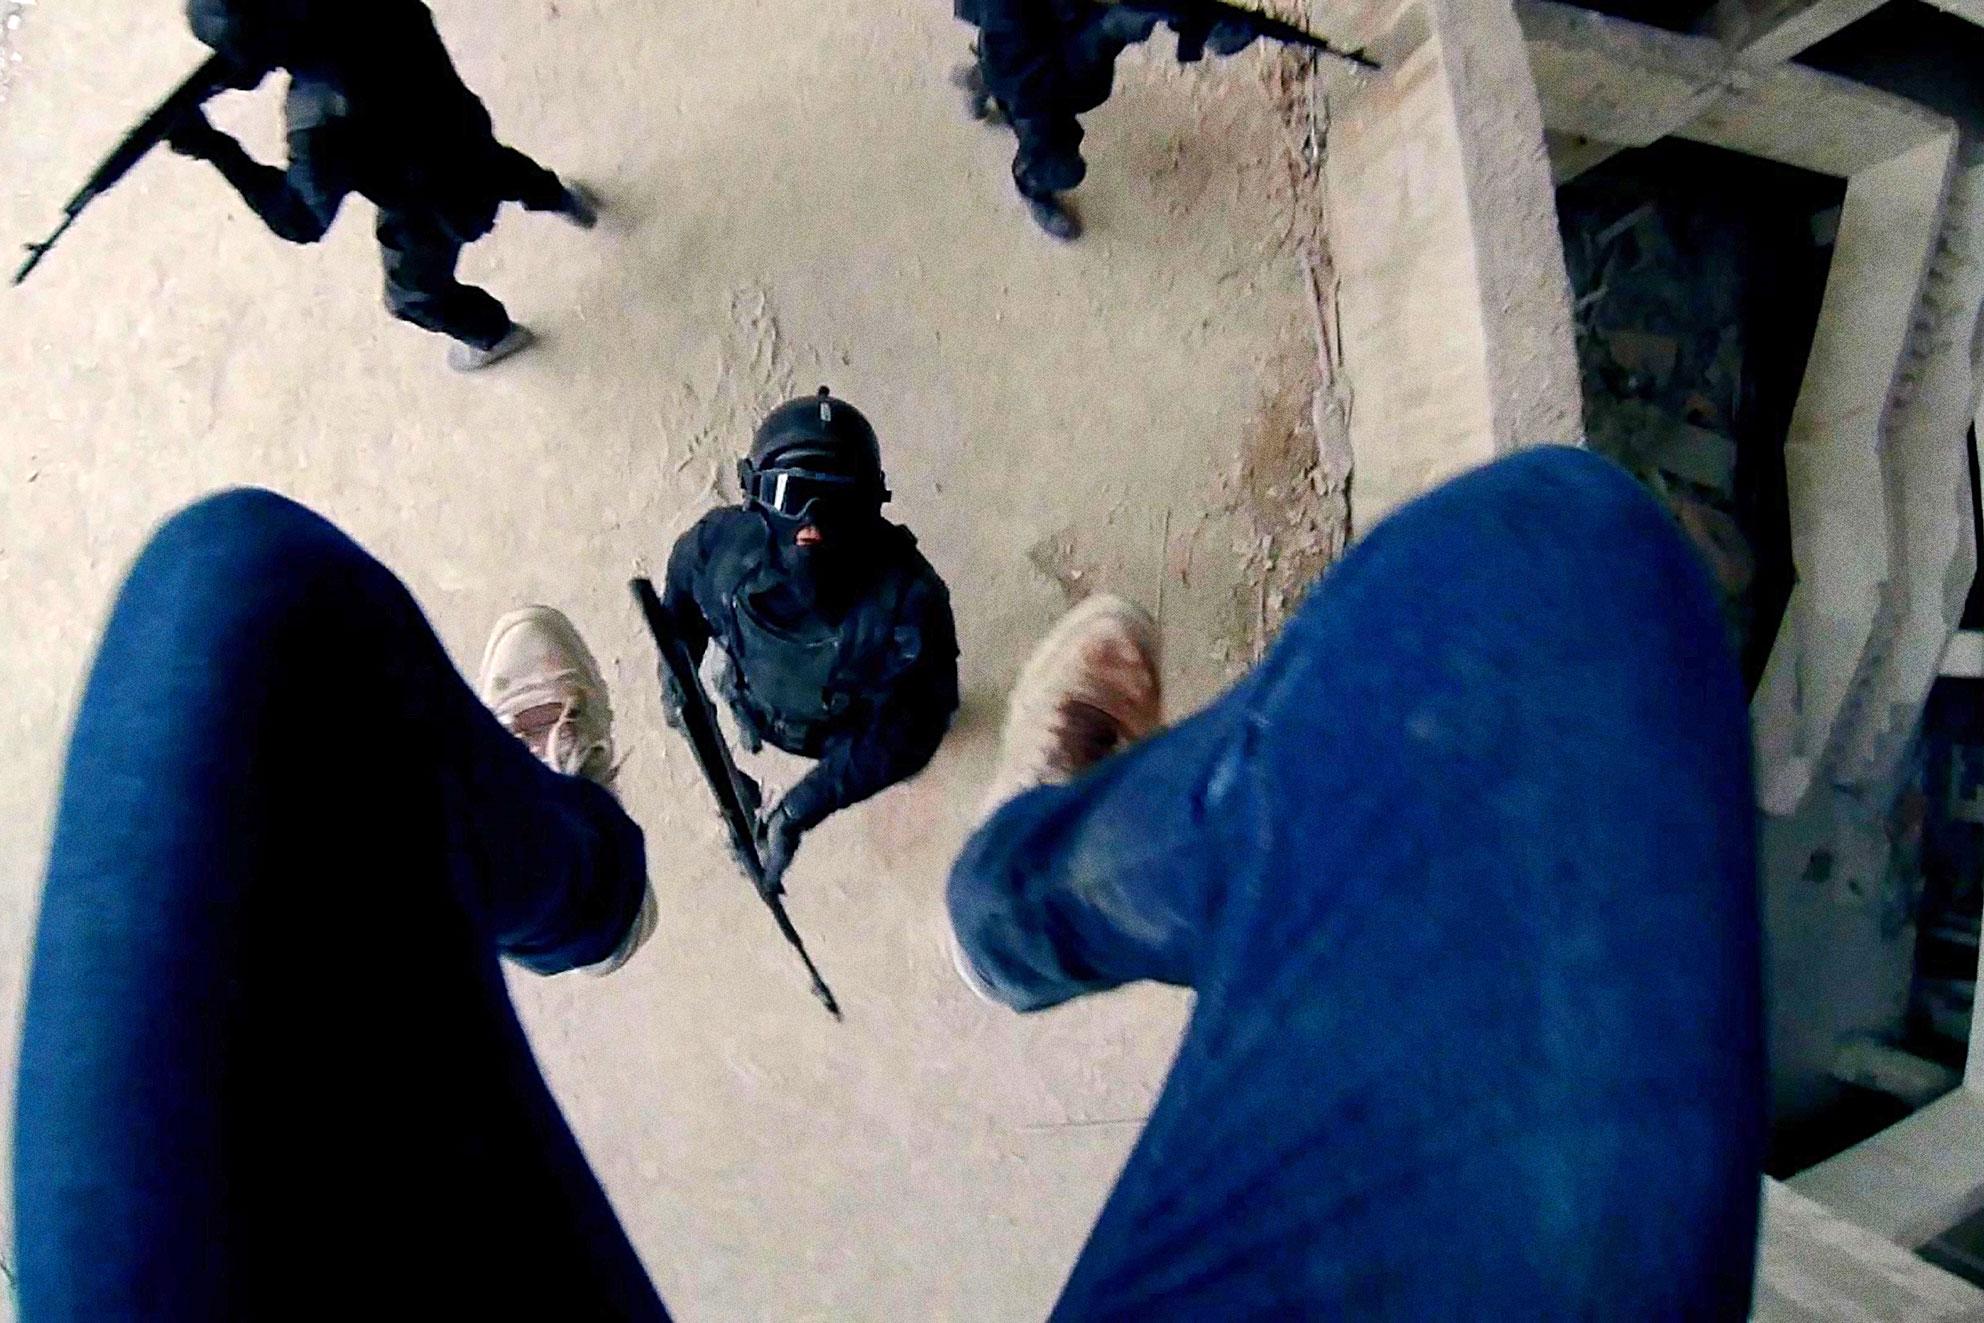 """…oder nach unten hat die Film-Crew ganze Arbeit geleistet: """"Hardcore"""" hält sich präzise ans optische Regelwerk interaktiver Ego-Schlachten."""